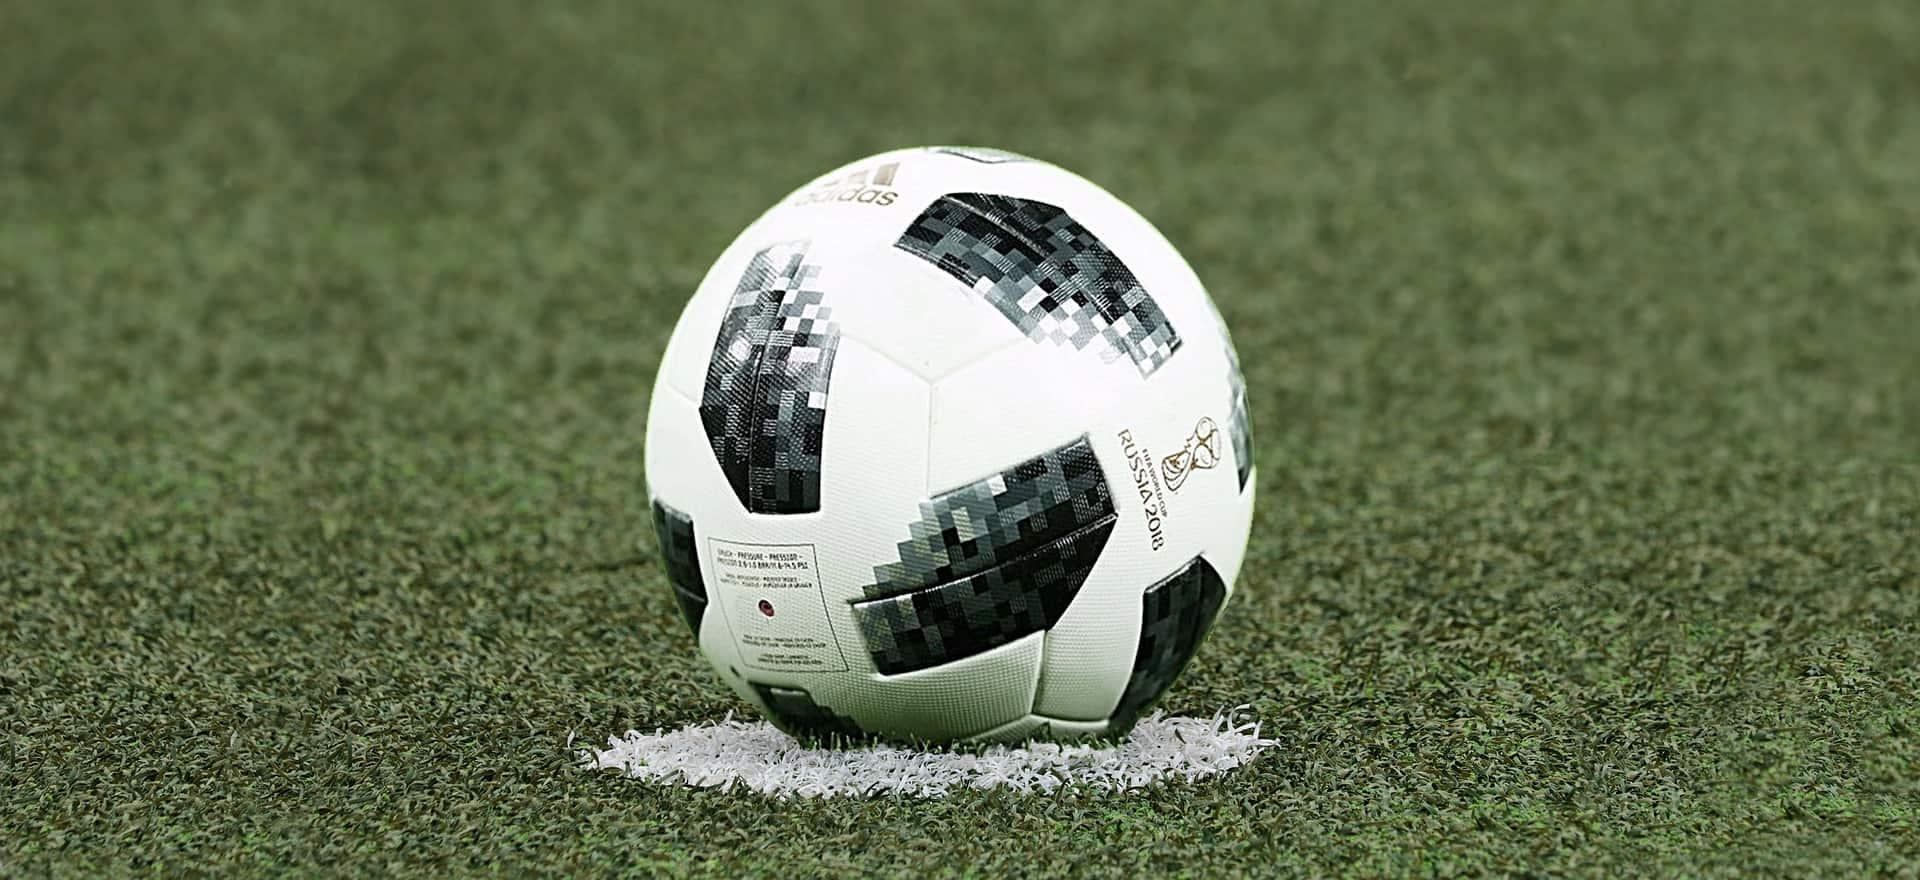 Adidas calcio: i migliori prodotti (09/21)